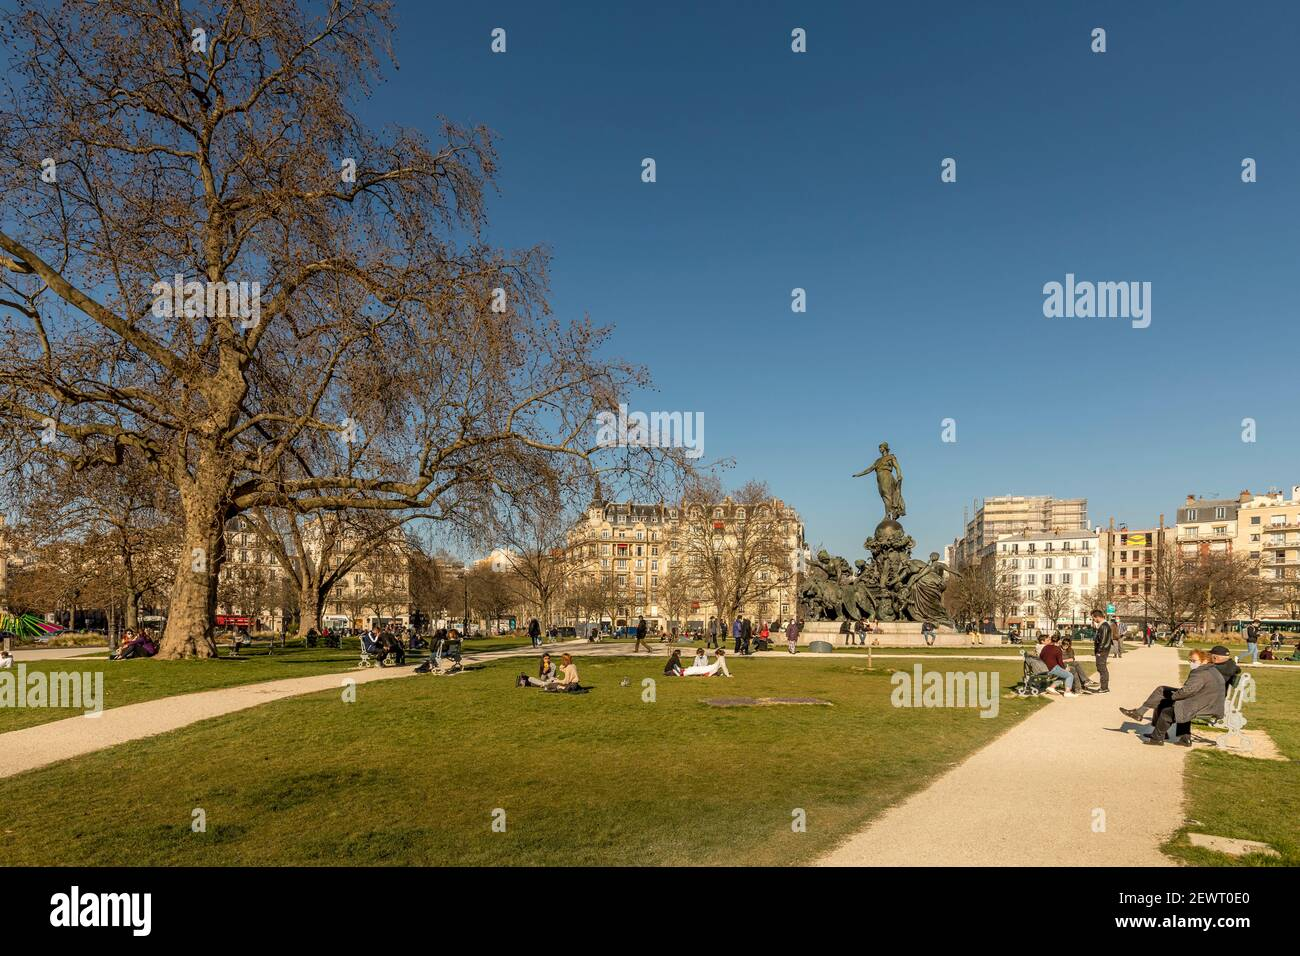 Paris, France - 1er mars 2021 : place de la Nation, autour de la statue de la Nation, près du cours de Vincennes à Paris, France Banque D'Images